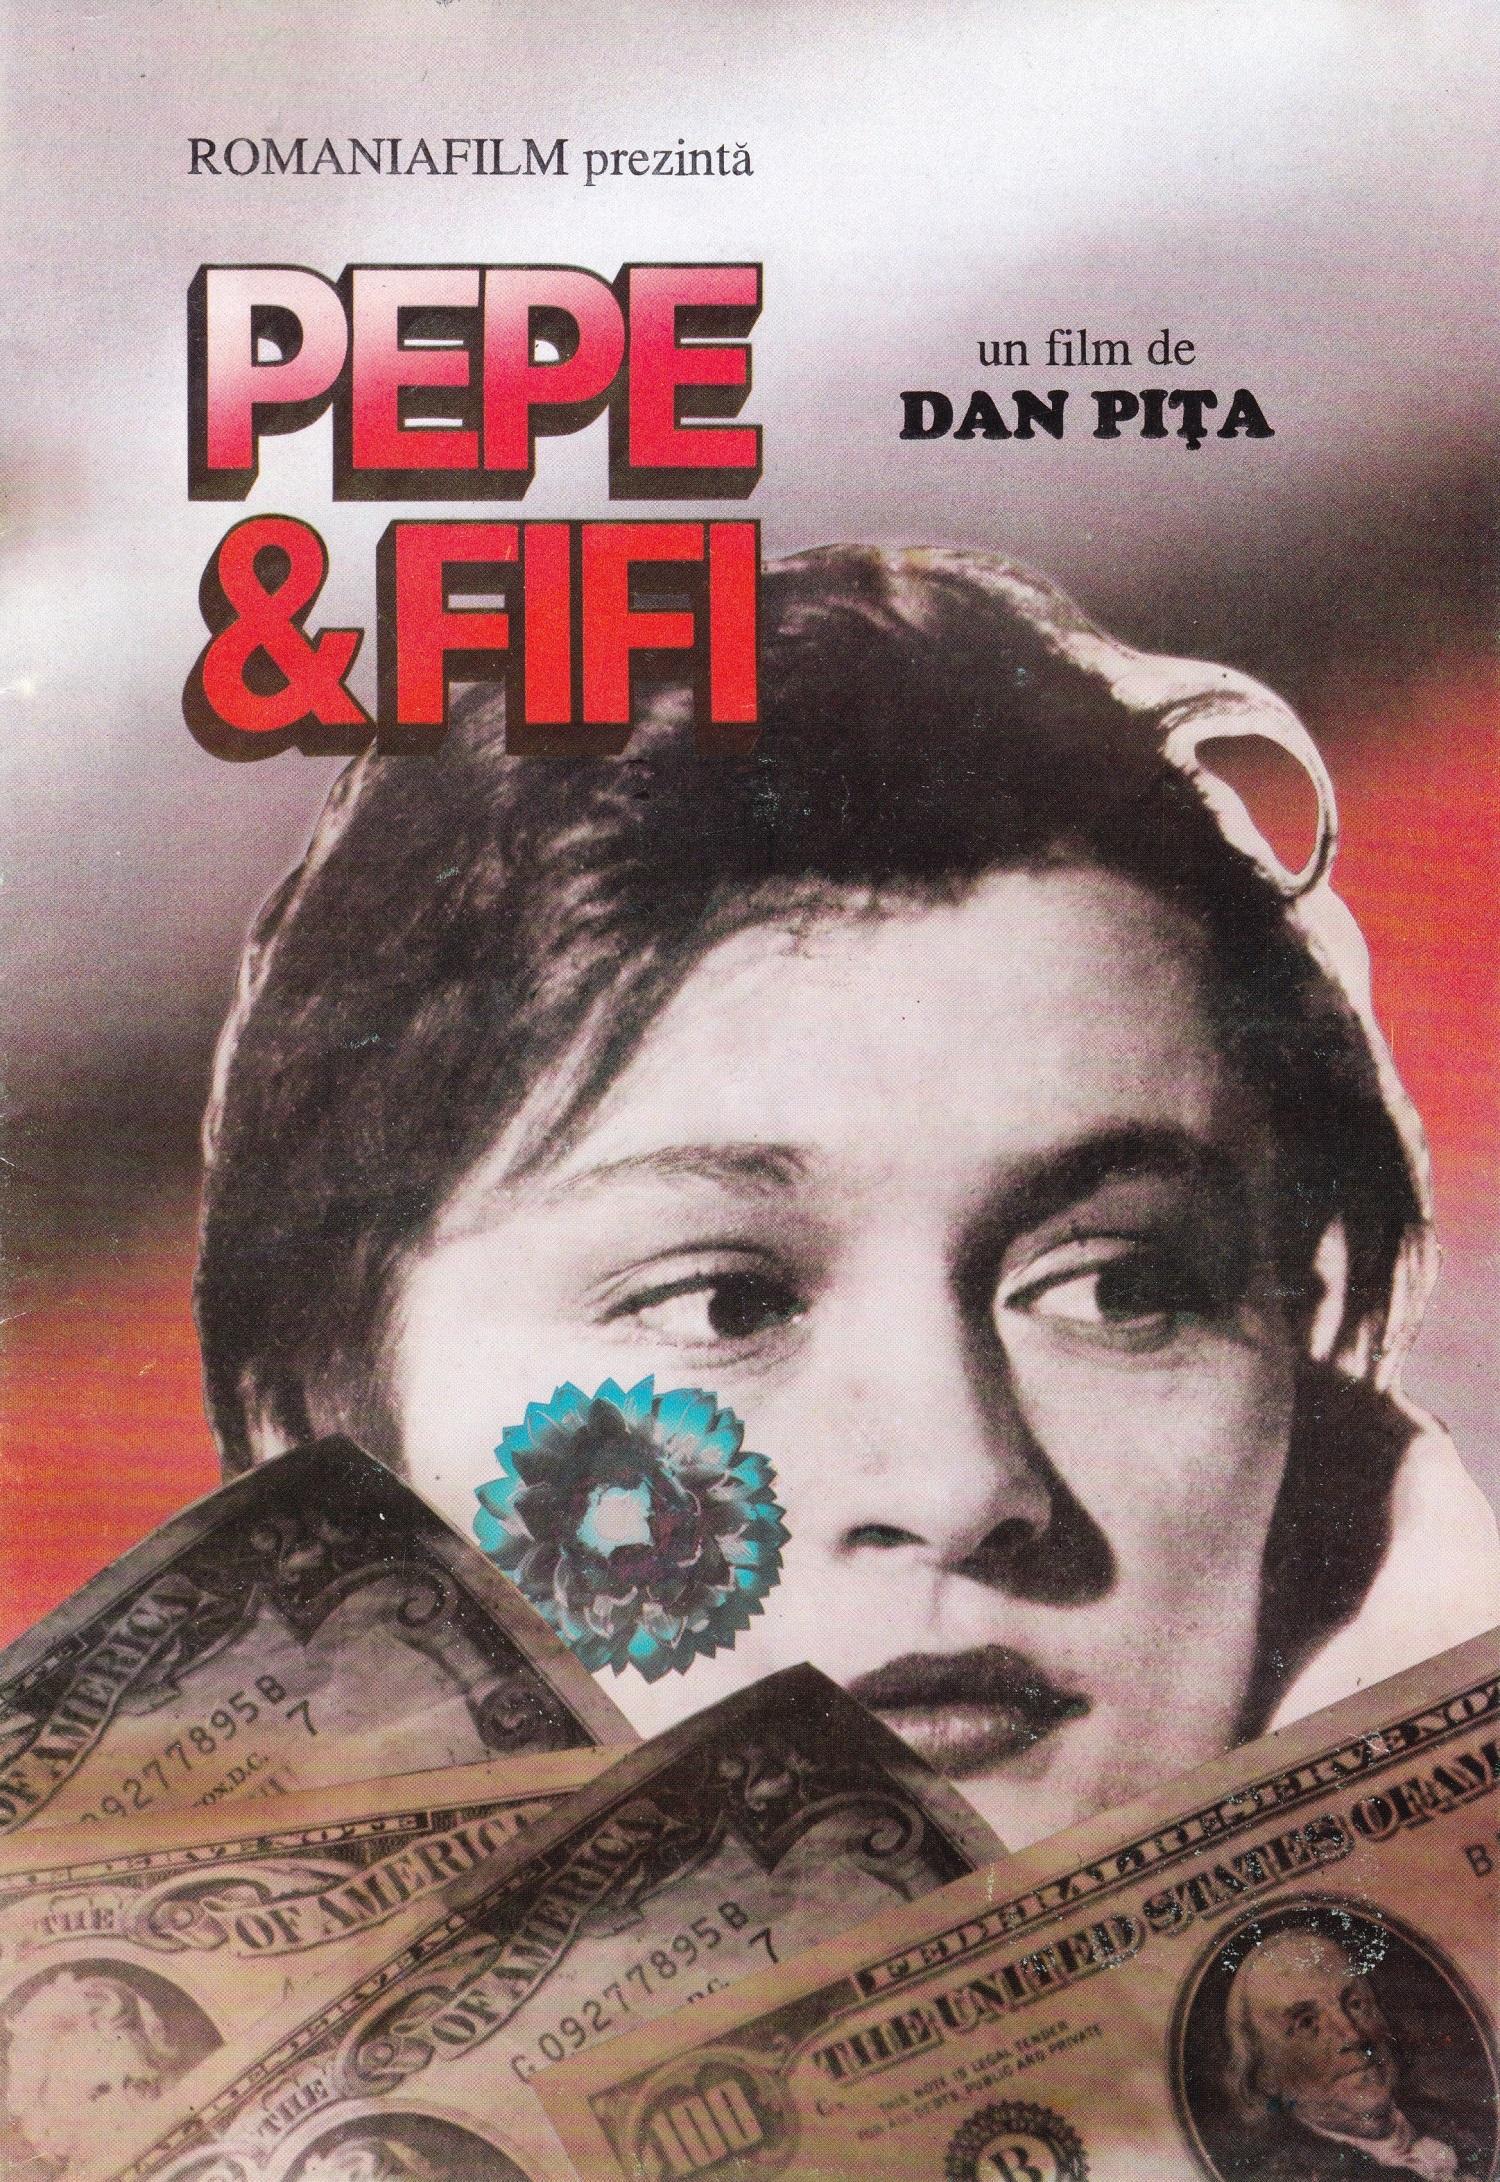 Pepe şi Fifi (1993) - Photo